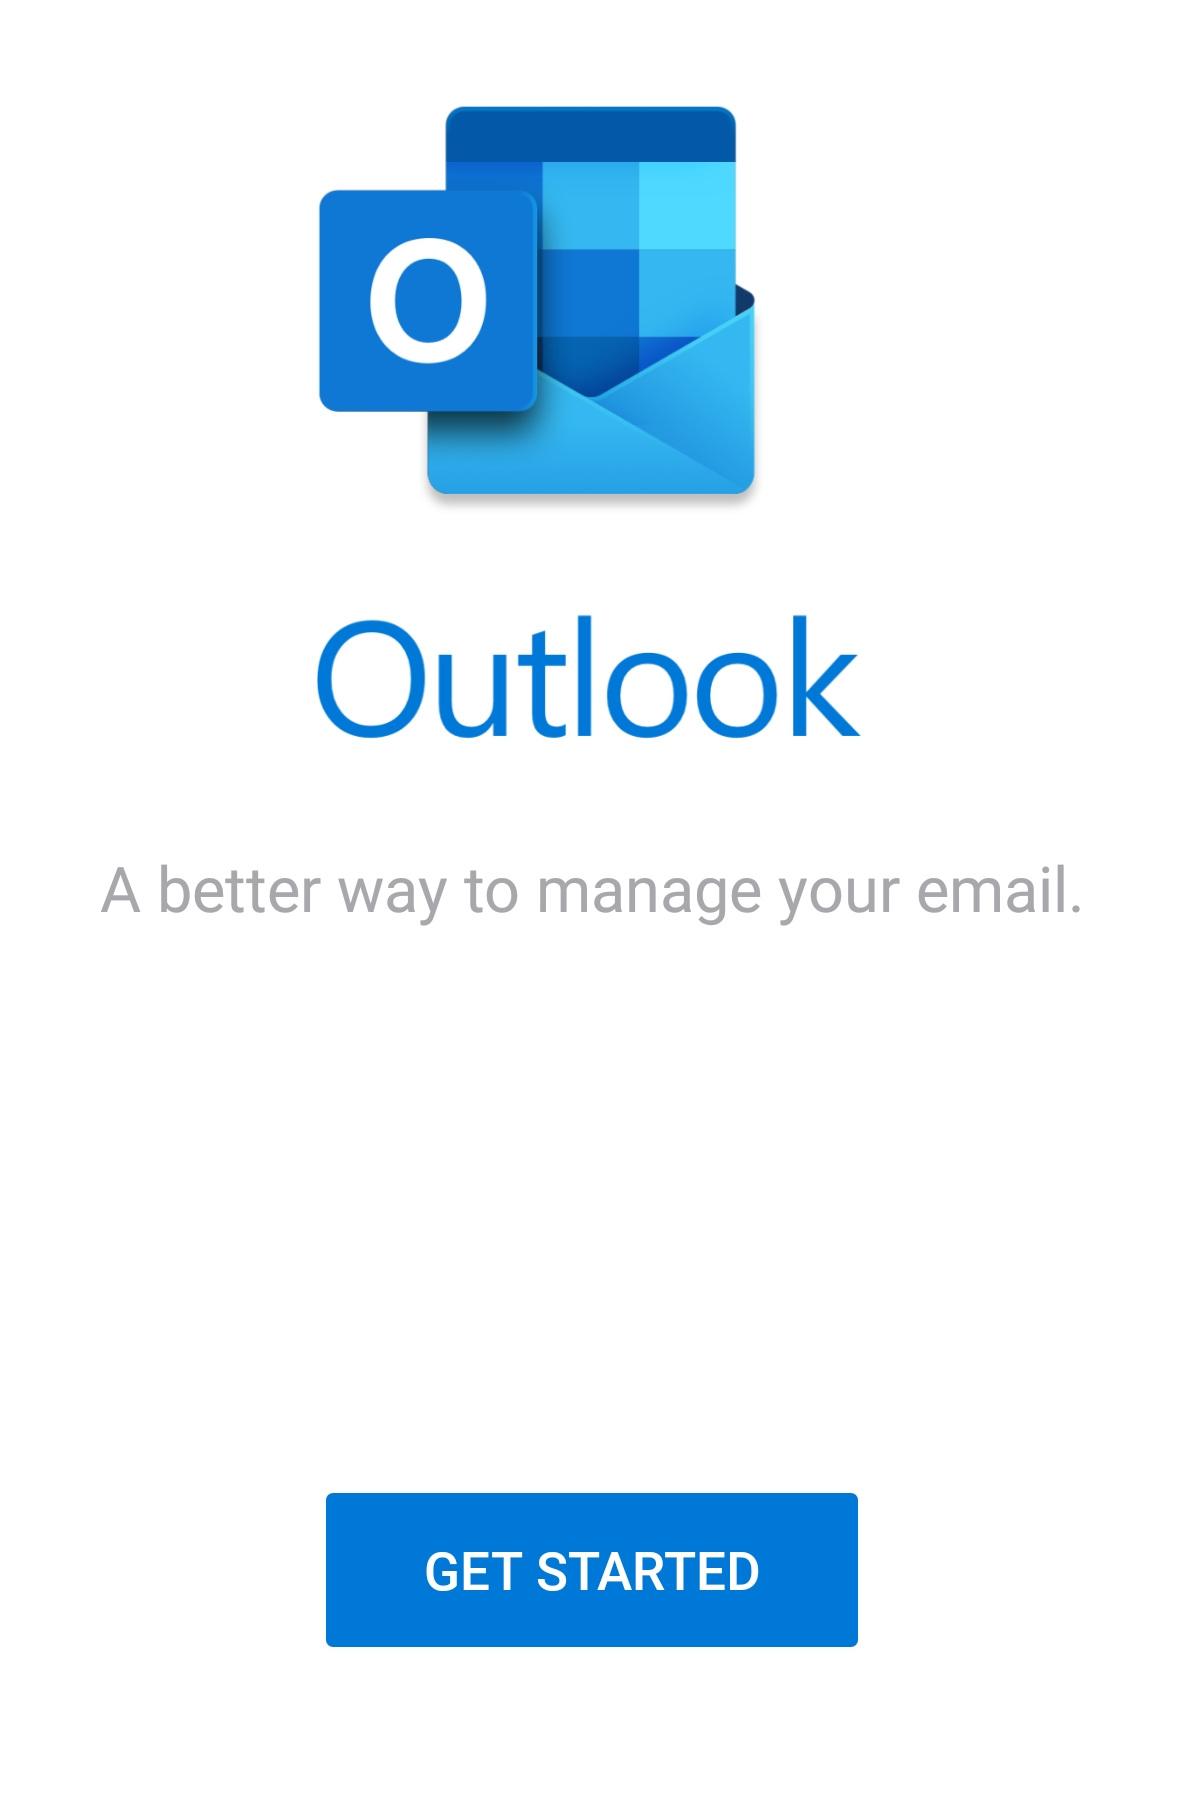 Screenshot_20190403-121447_Outlook%5B1%5D.jpg